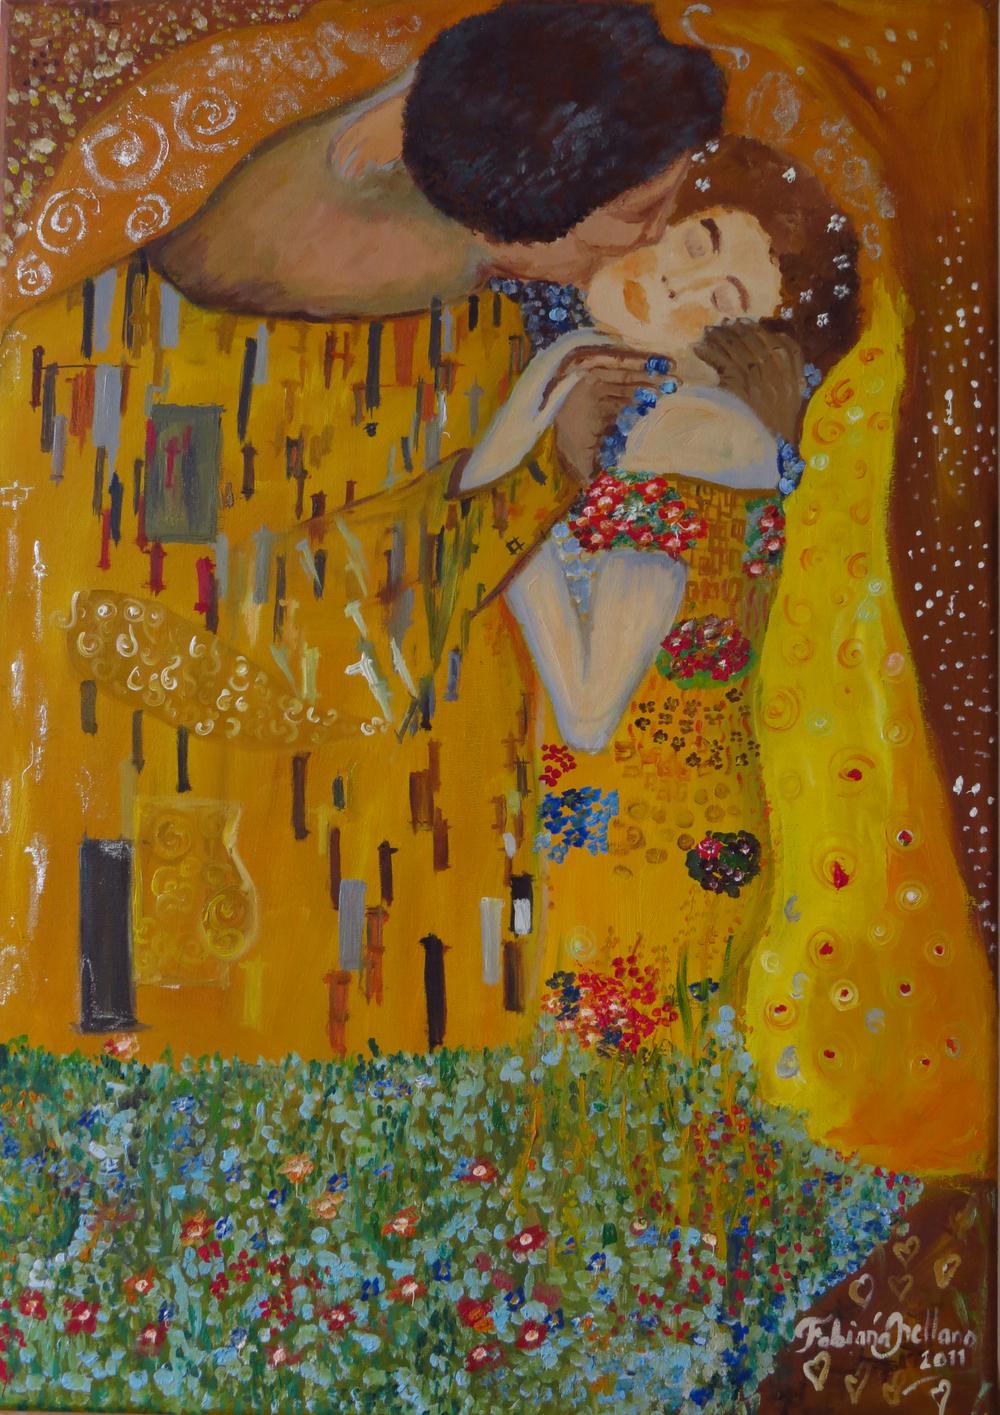 Study about Gustav Klimt's masterpieces